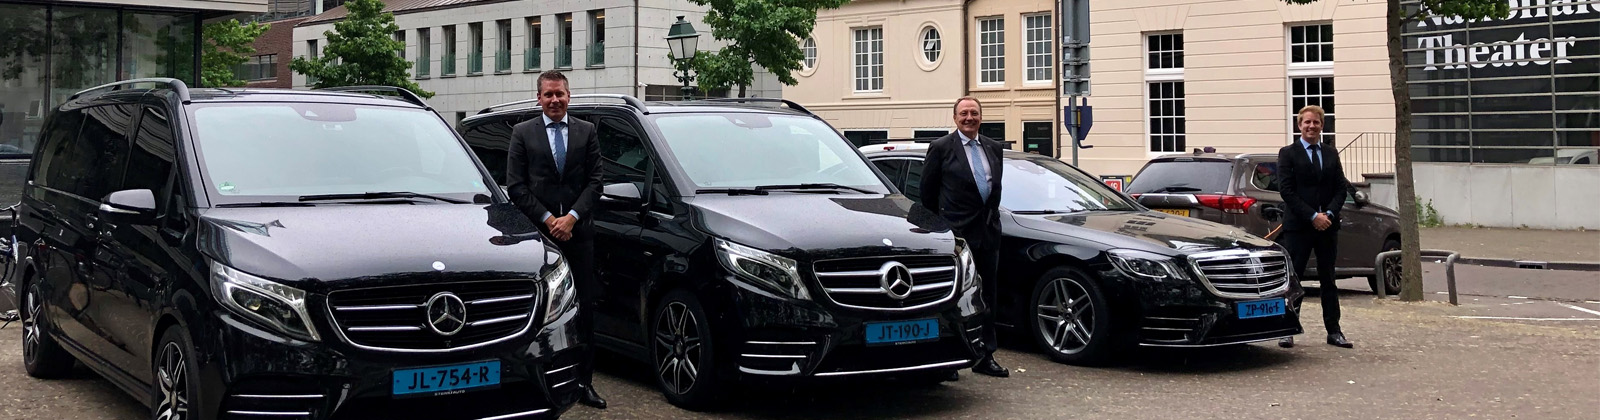 VIP-limousine-service-Amsterdam